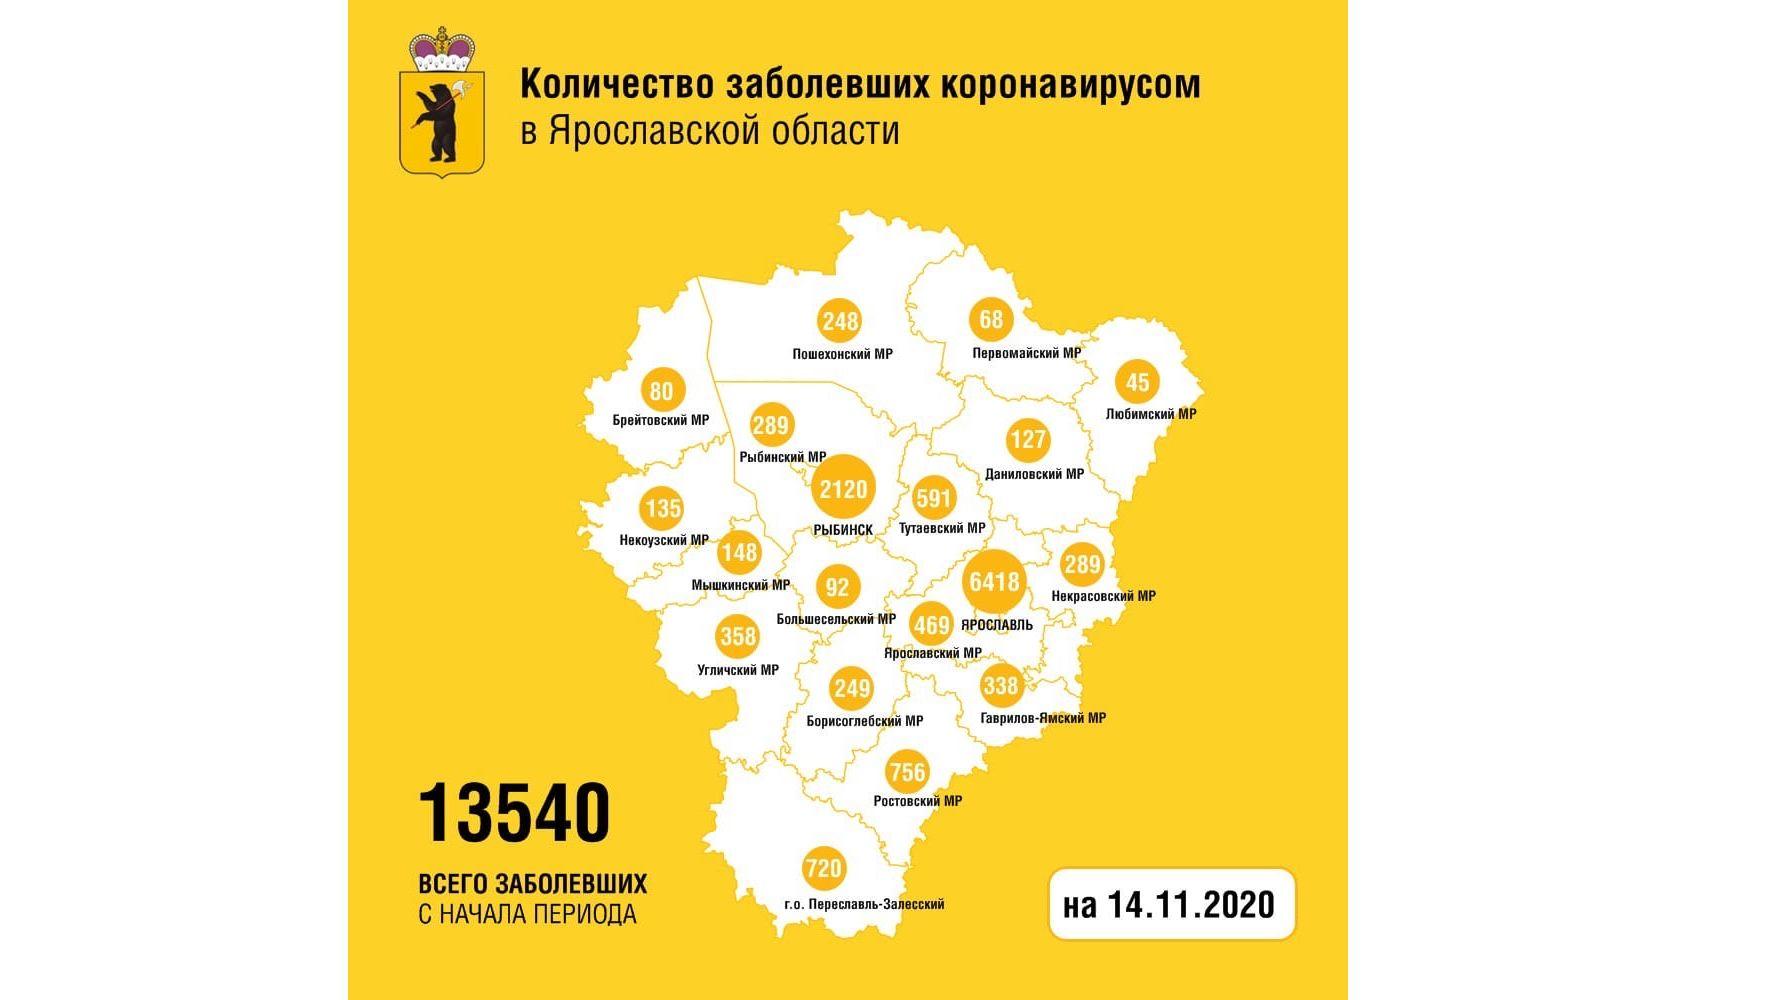 В Ярославской области вылечили от коронавируса еще 181 человека